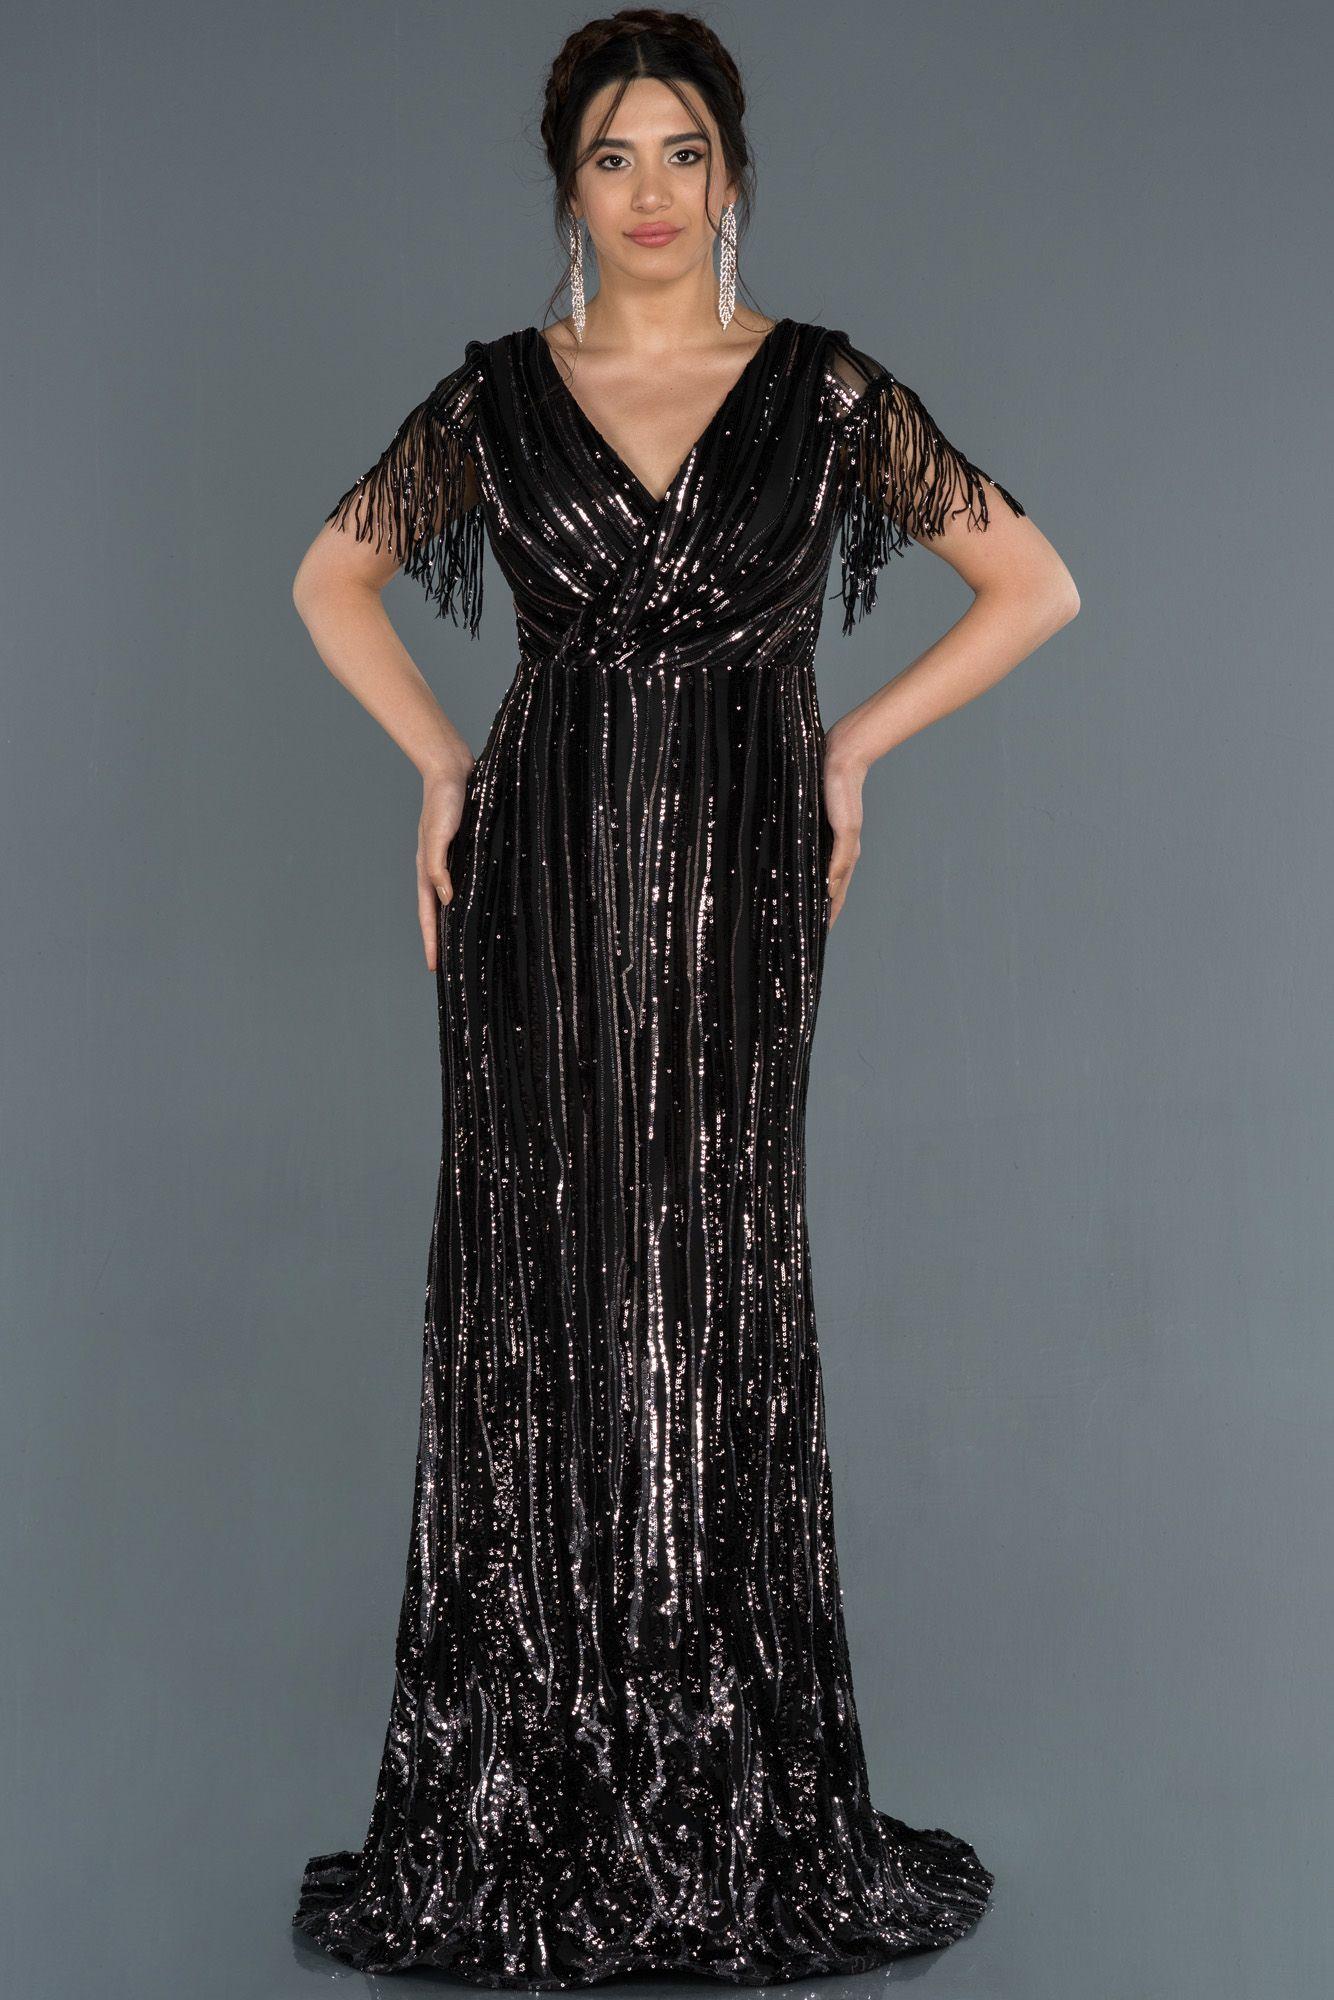 Siyah Gumus Kollari Puskullu Pul Payetli Abiye Abu1342 2020 Moda Stilleri The Dress Elbise Modelleri